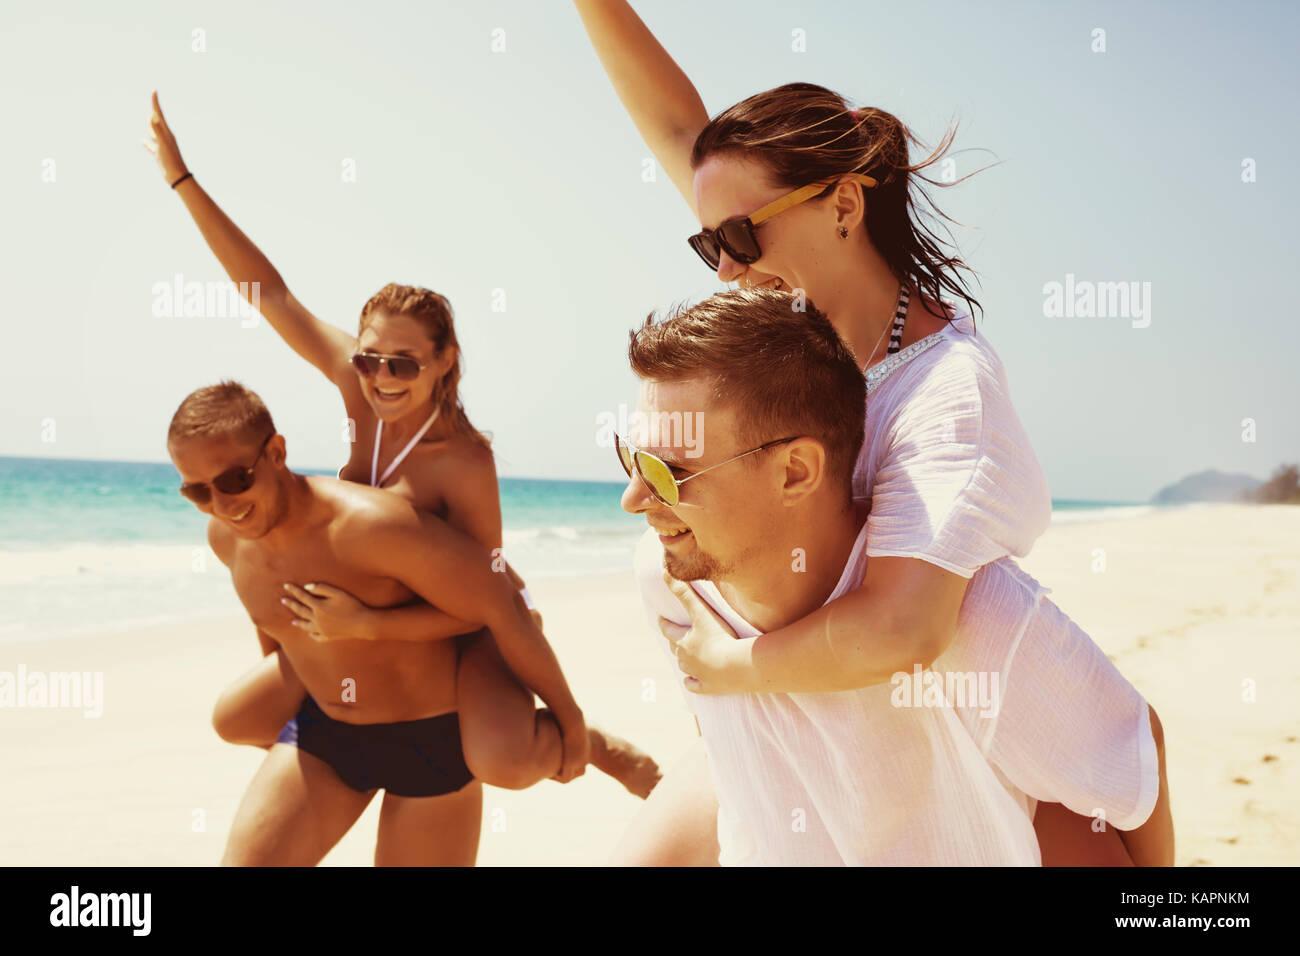 Zwei Paare Freunden Spaß Strand Stockbild